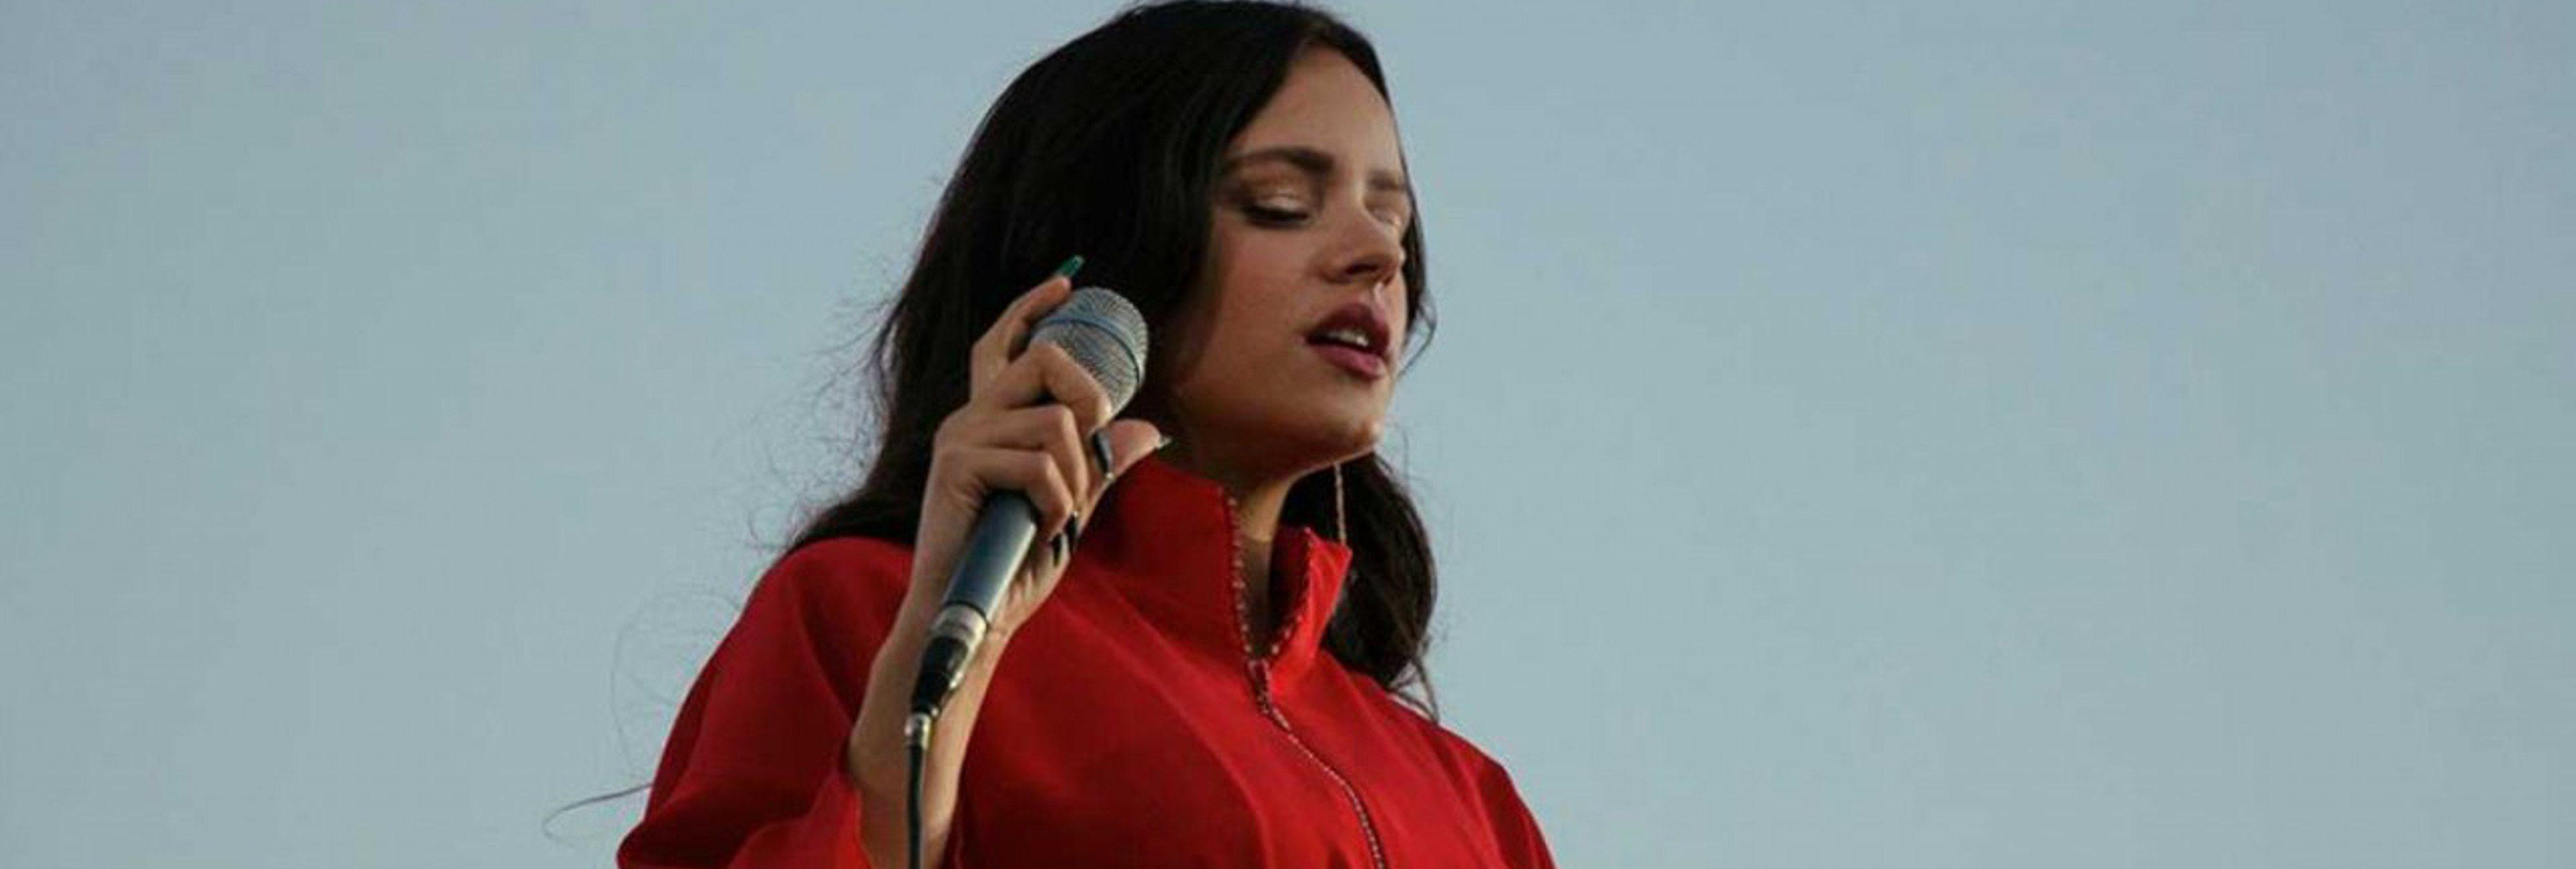 Rosalía, la expropiación cultural y la necesidad de escuchar a los colectivos oprimidos